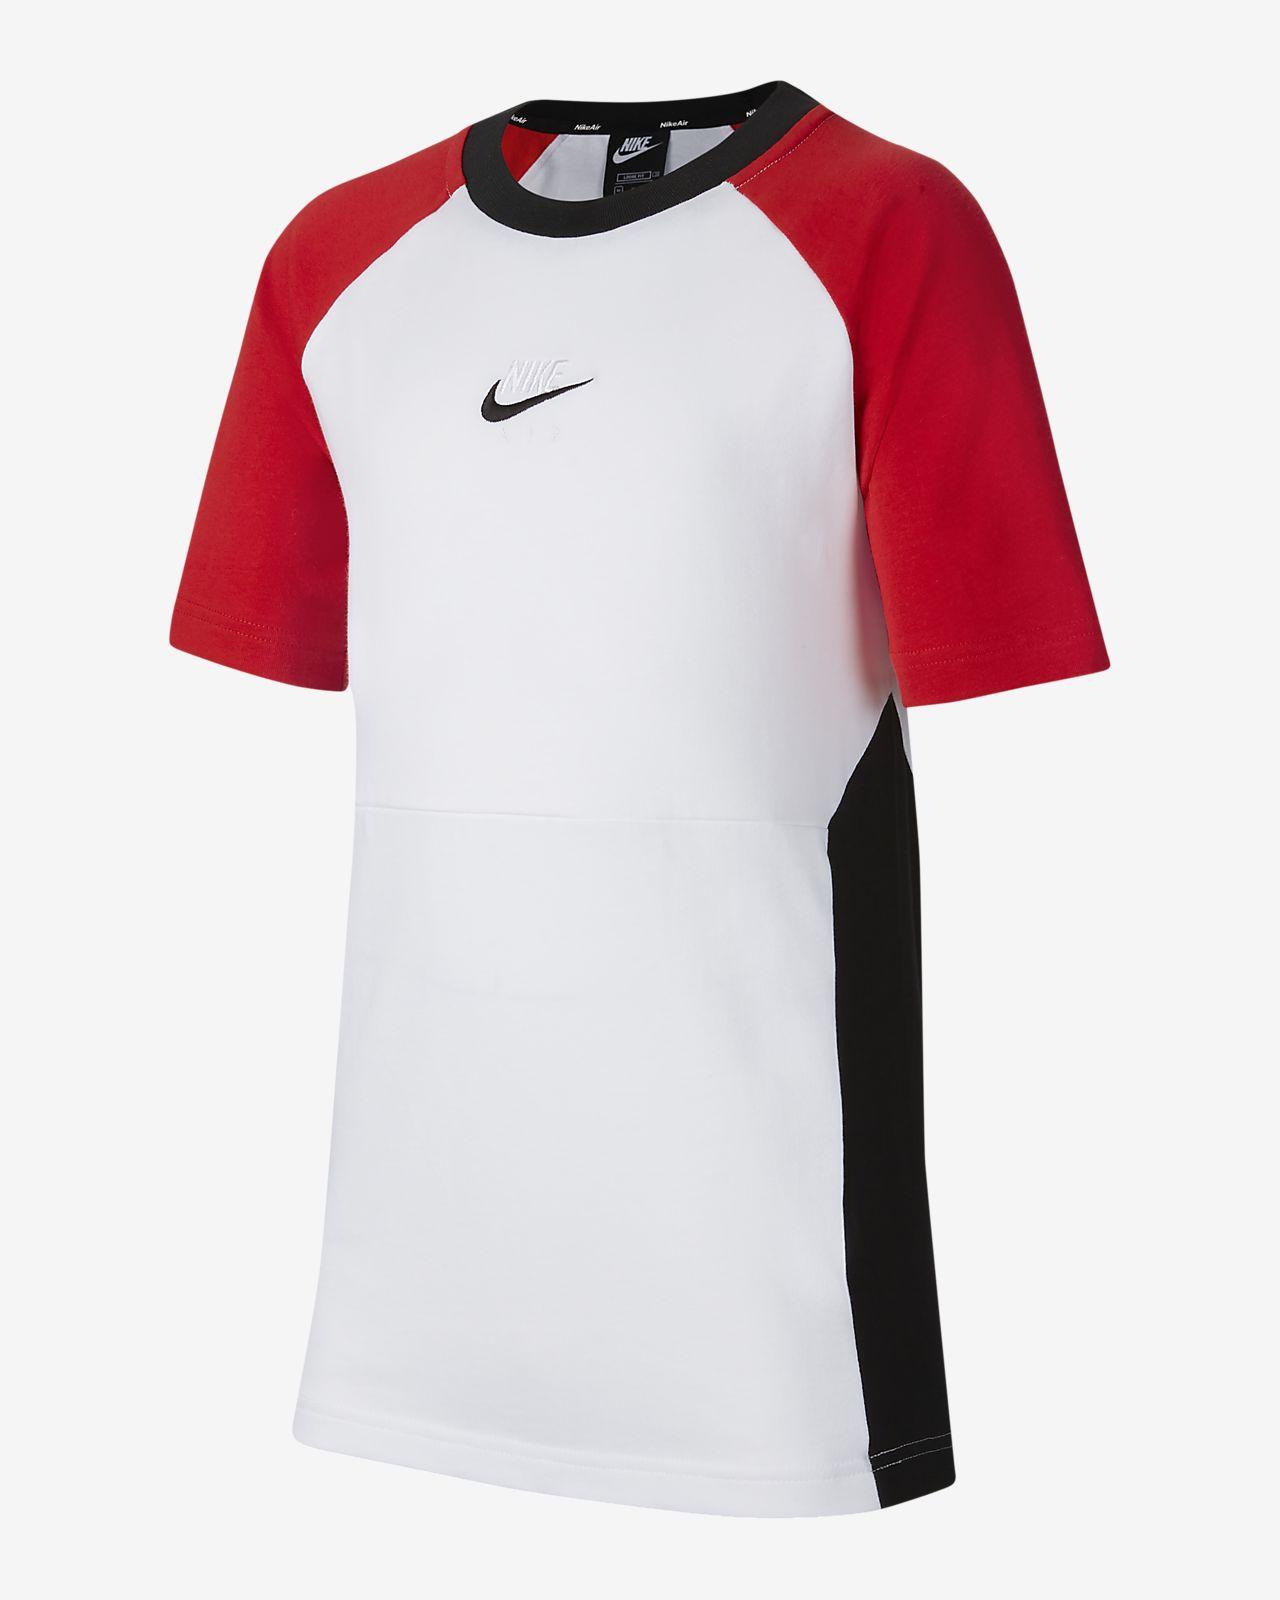 大男孩t恤短袖_Nike Air 大童(男孩)短袖上衣-耐克(Nike)中国官网